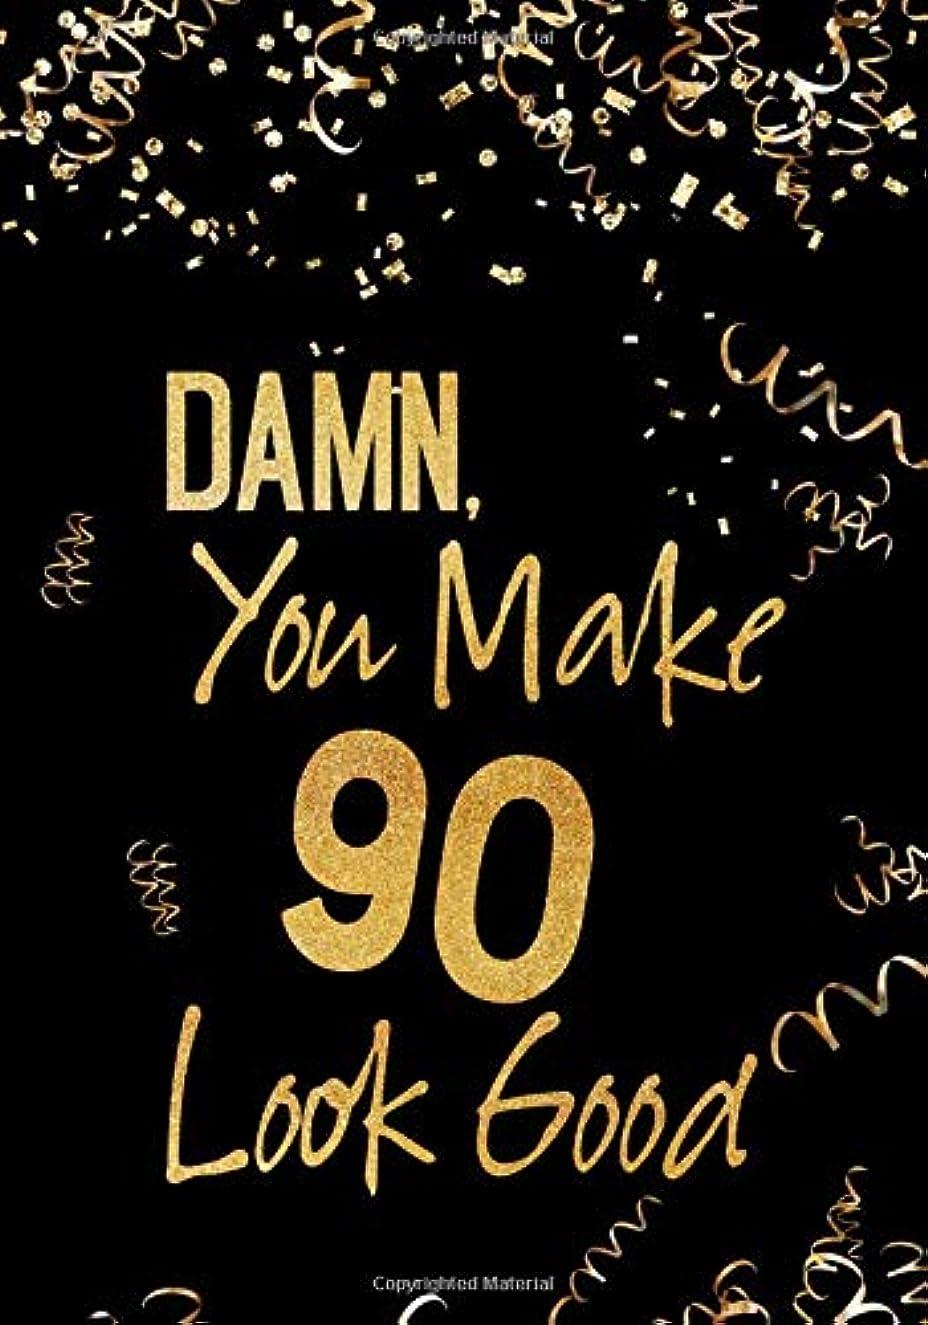 観客がっかりするヤギDamn, You Make 90 Look Good: Keepsake Journal Notebook For Best Wishes, Messages & Doodle In V61